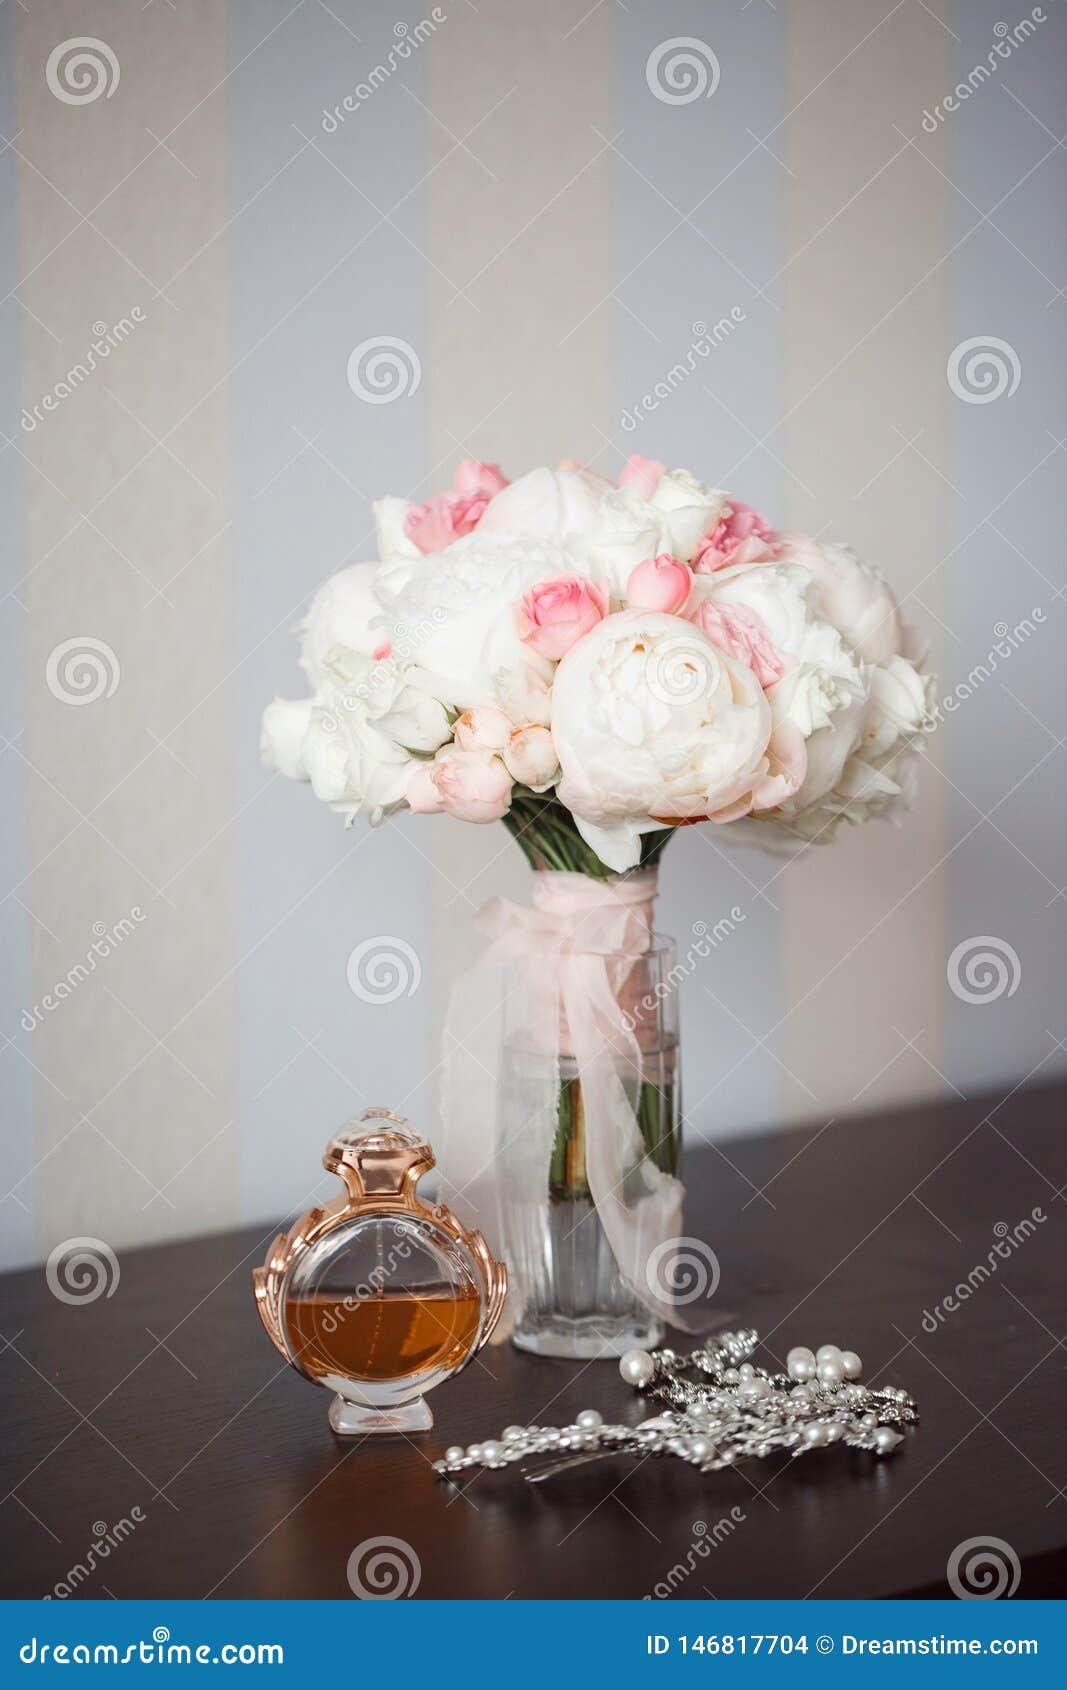 Sur la table est un bouquet des fleurs dans un vase, un parfum et une barrette